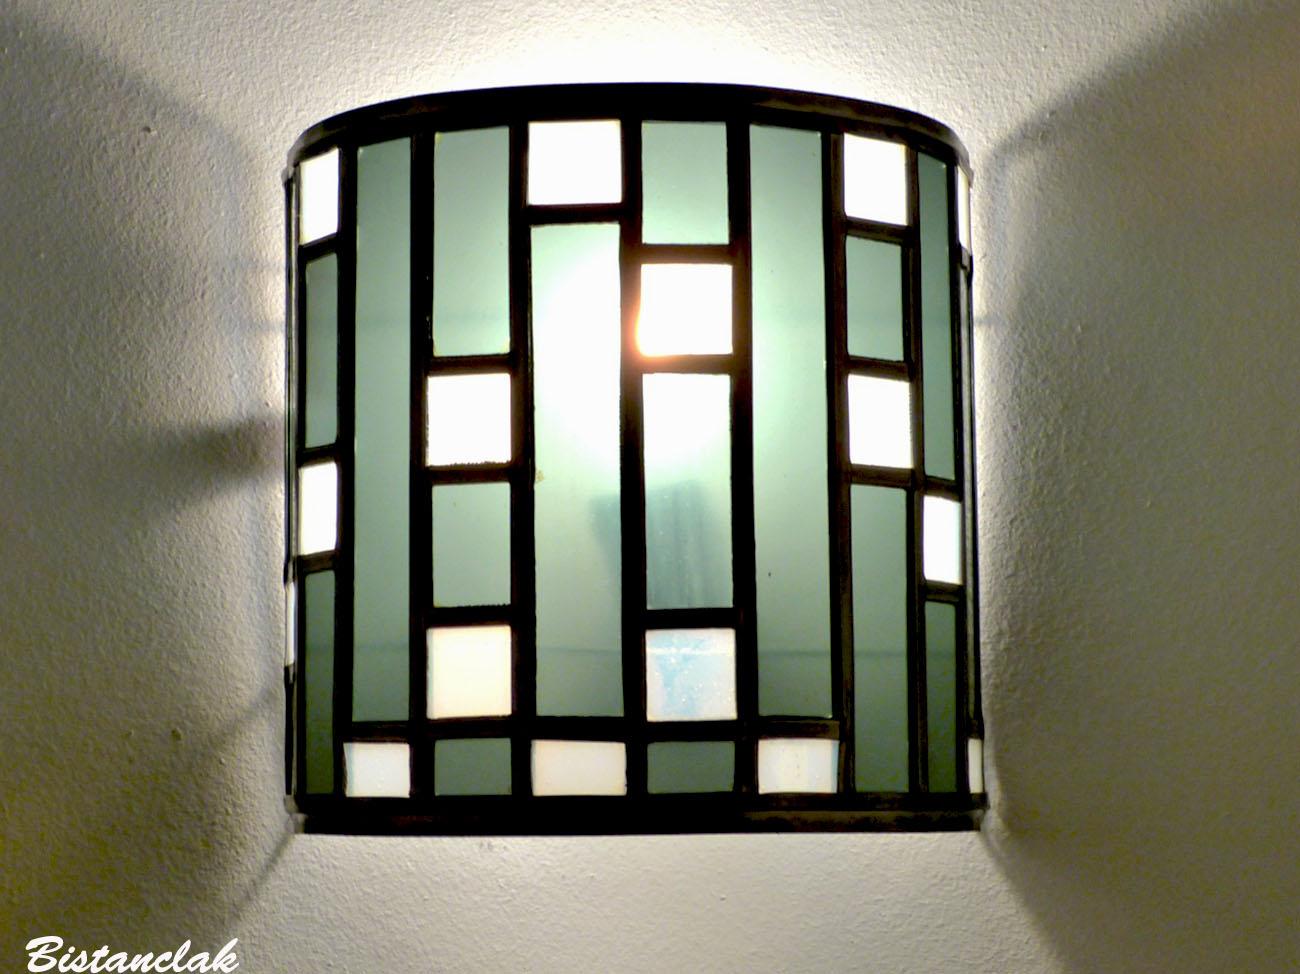 Applique vitrail demi cylindre noir et blanc tendance art deco 3 1